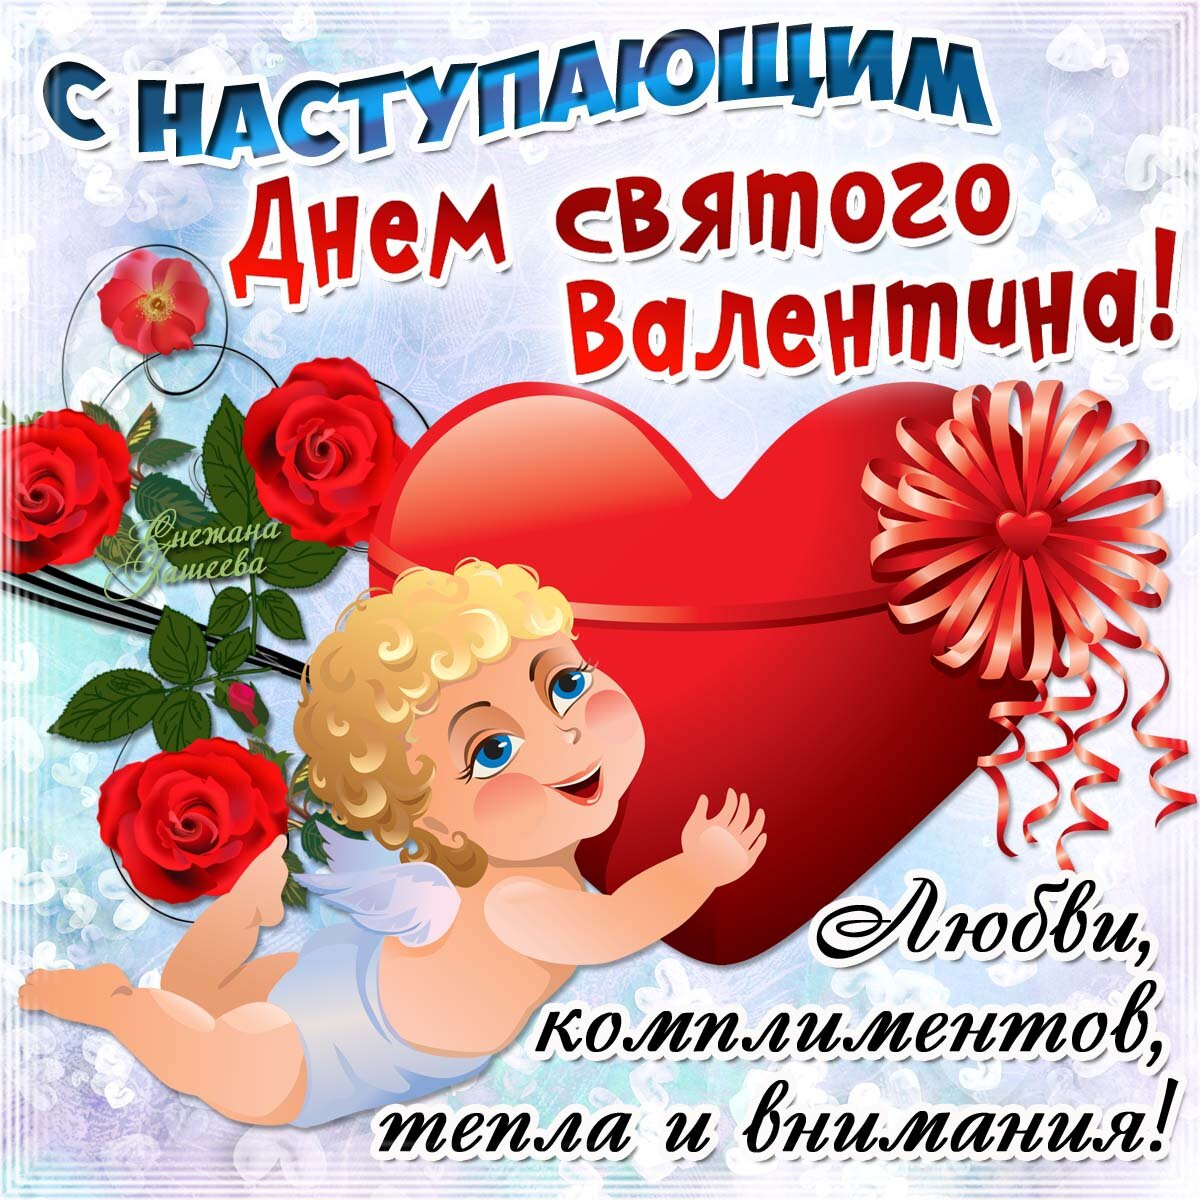 Поздравление с днем валентина знакомой